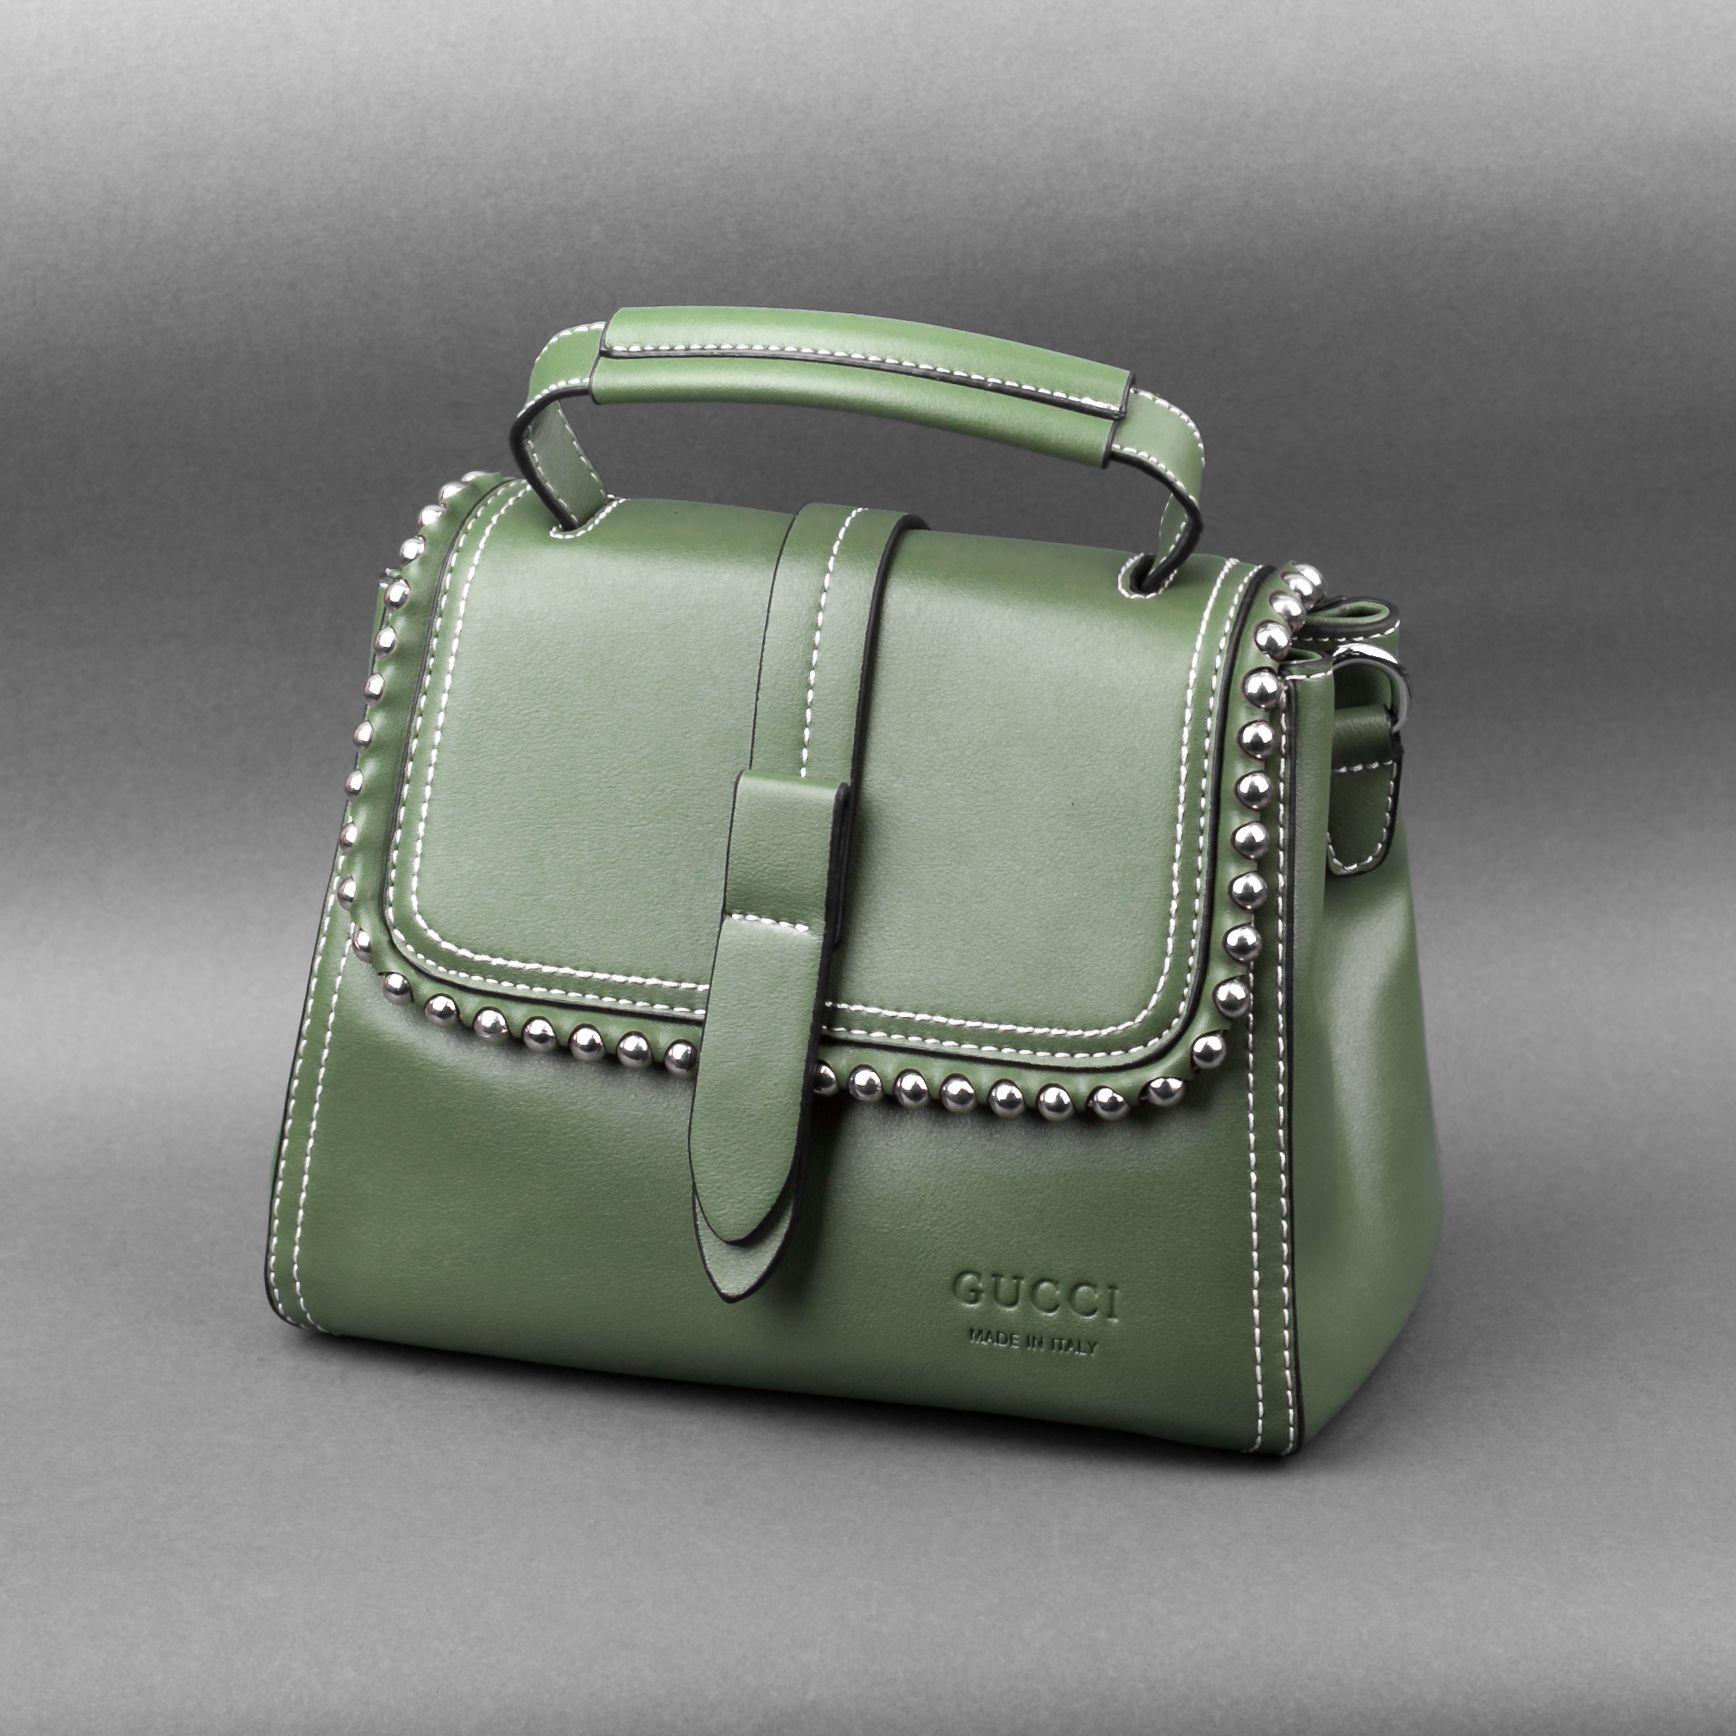 Элегантные сумочки — необходимый аксессуар для особого случая